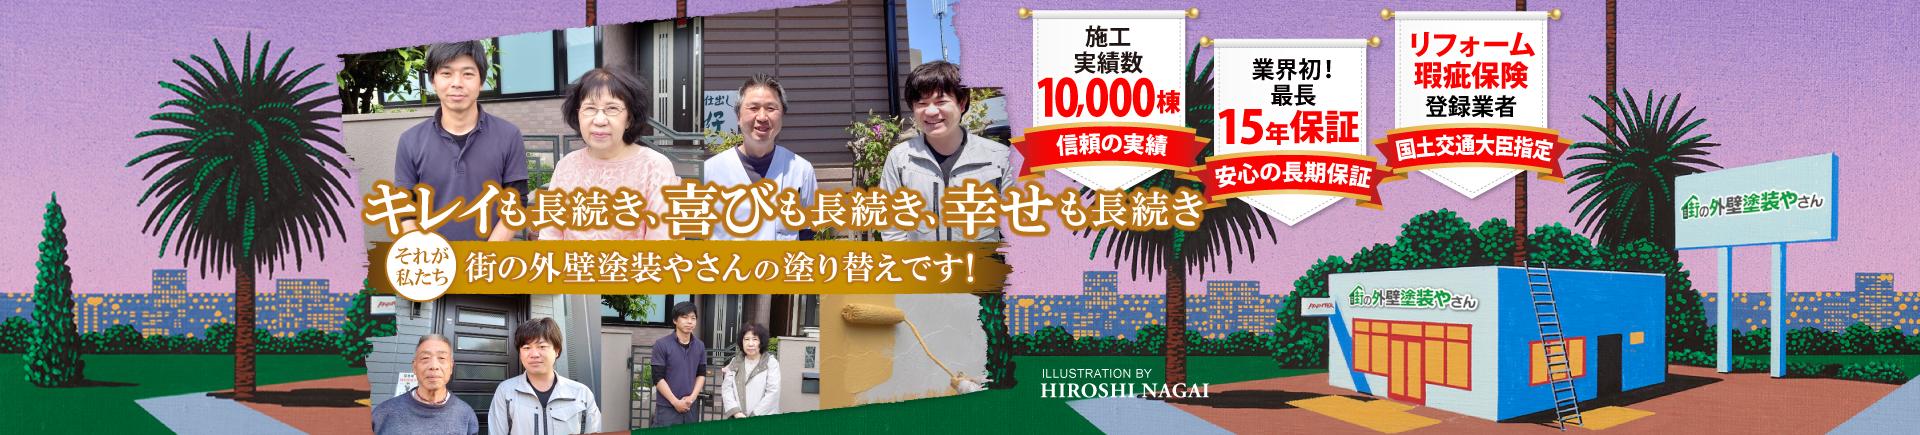 外壁、屋根の塗装なら街の外壁塗装やさん名古屋東店